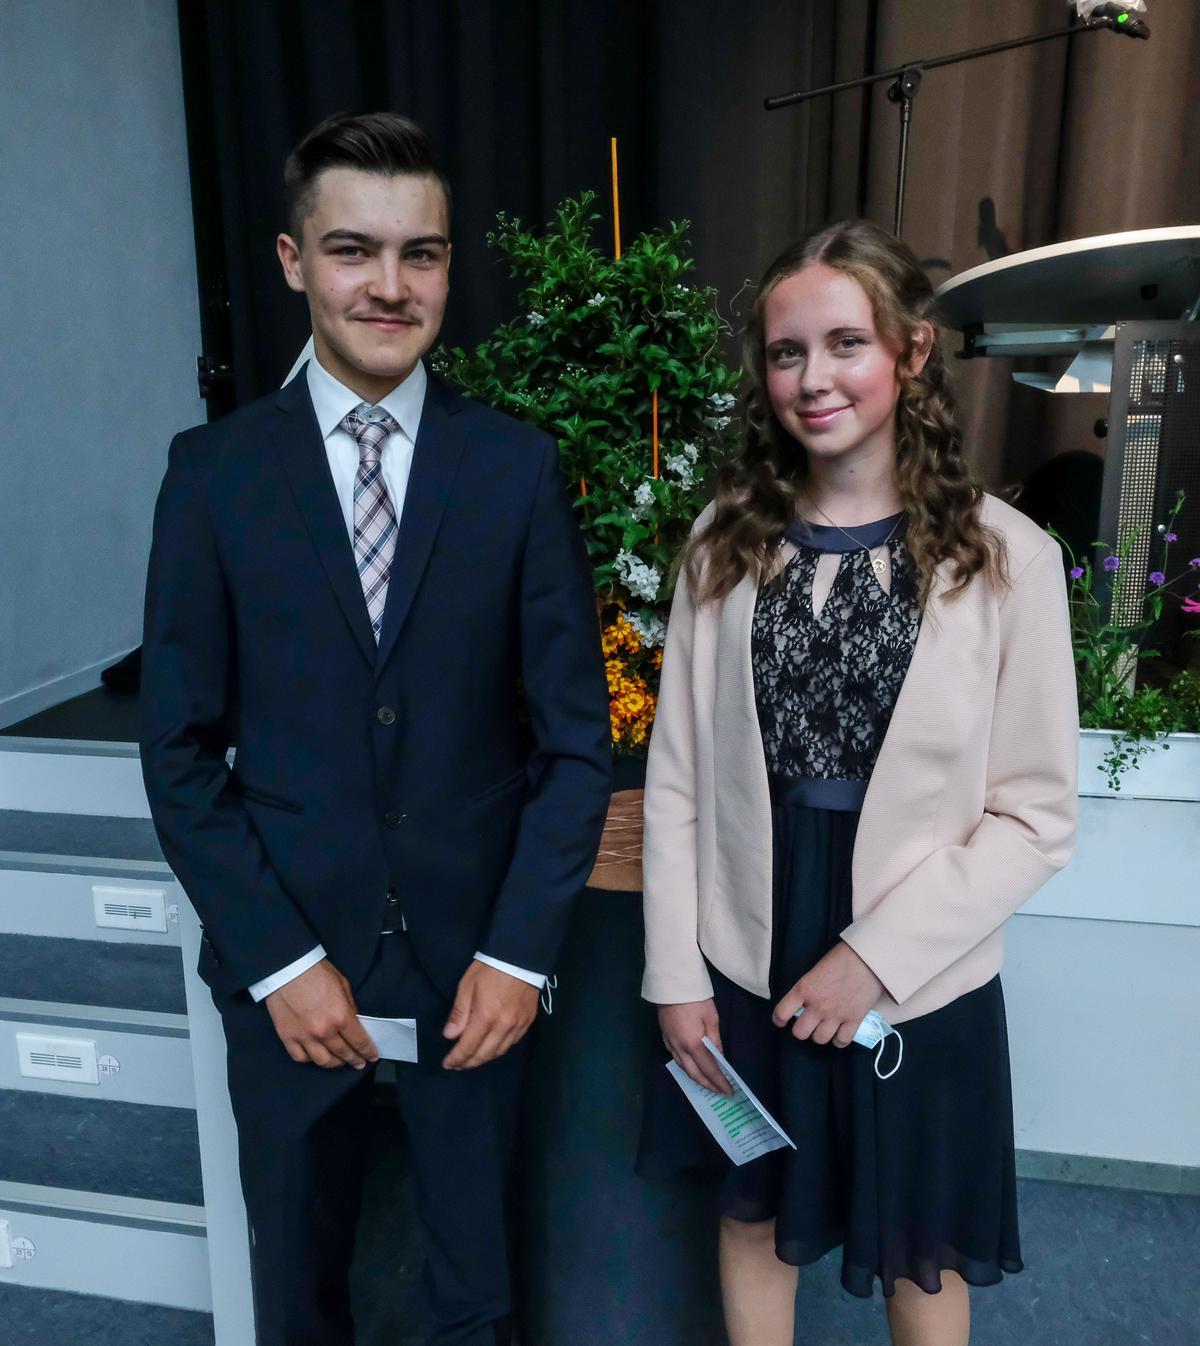 Die Klassensprecher Philipp Konheisner und Sophie Flitter erinnerten ihre Mitschüler der Klasse 10.7 in ihrer Rede an viele schöne, gemeinsam erlebte Dinge. Fotos: Schomakers